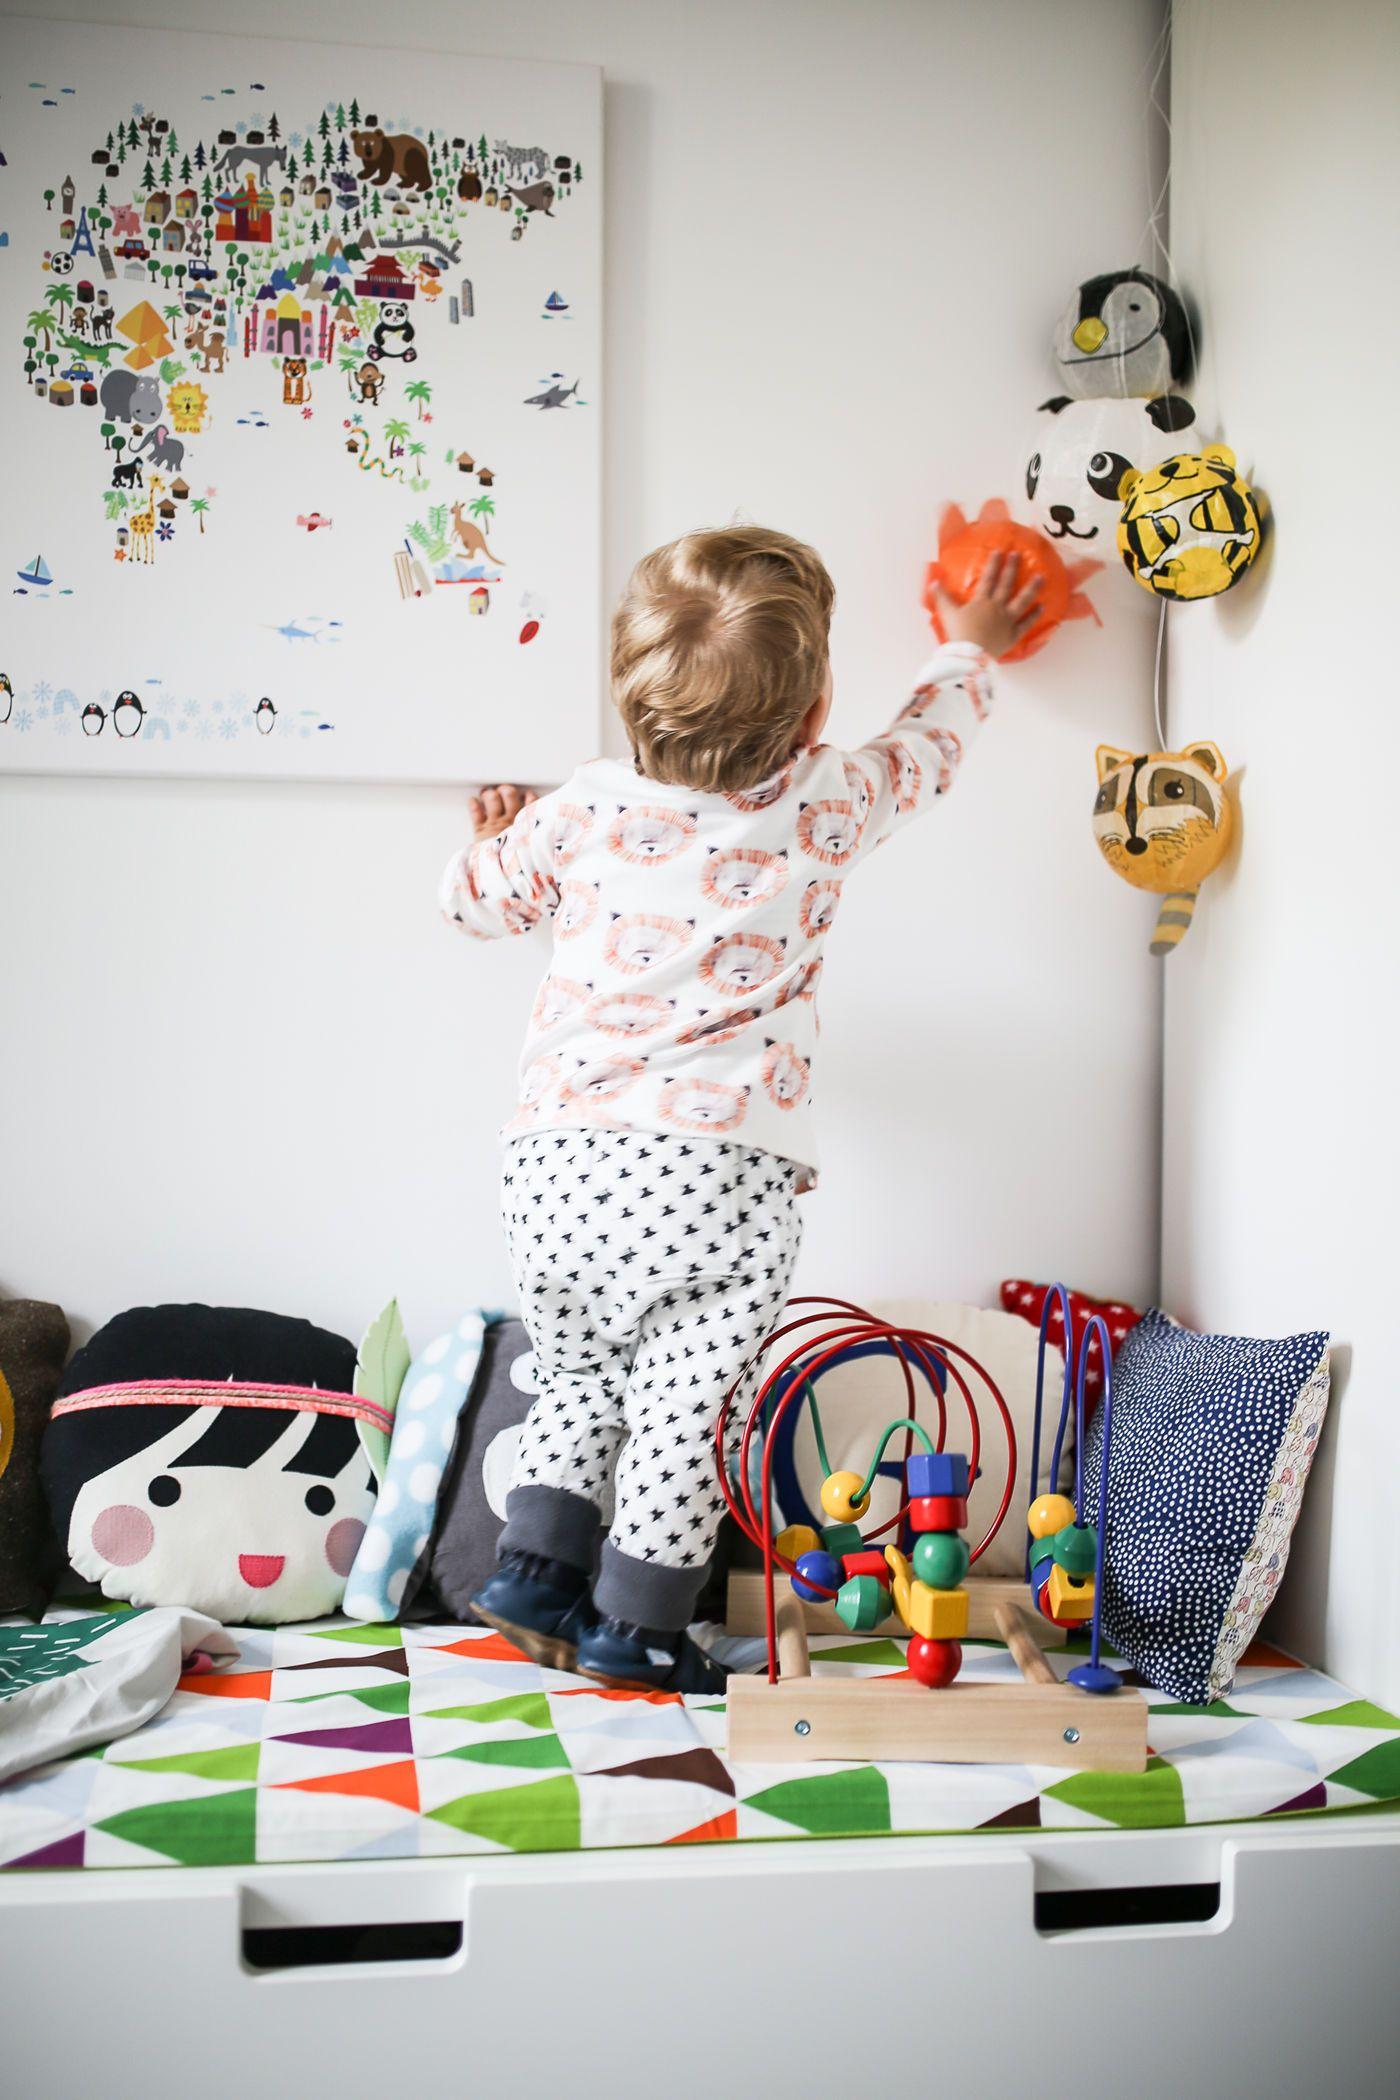 Full Size of Kinderzimmer Aufbewahrung Ideen Fr Stauraum Und Im Küche Aufbewahrungssystem Betten Mit Regal Weiß Bett Regale Sofa Aufbewahrungsbox Garten Kinderzimmer Kinderzimmer Aufbewahrung